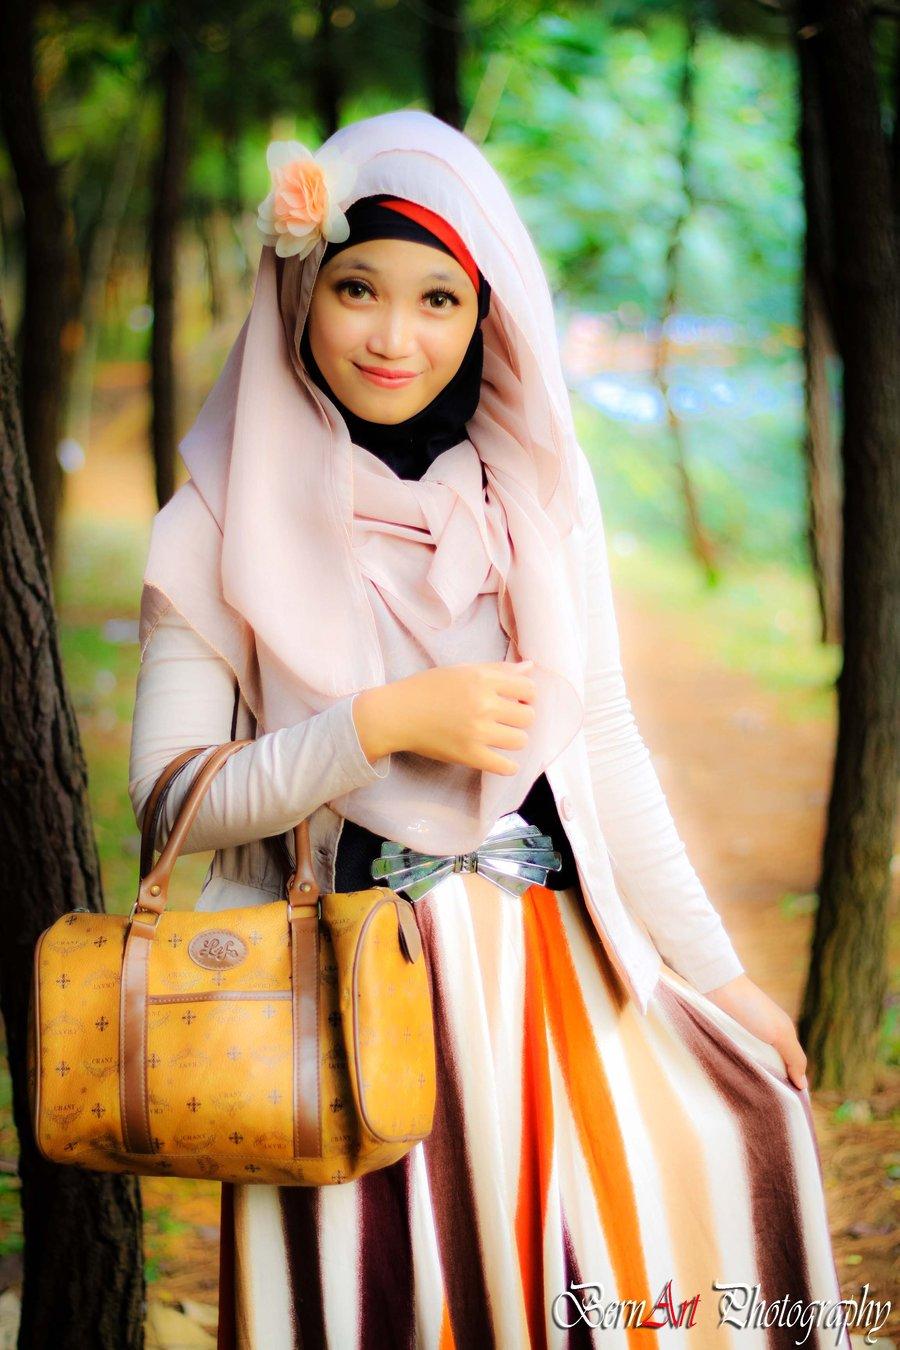 Gambar betul (Hijab) akak ambil di google